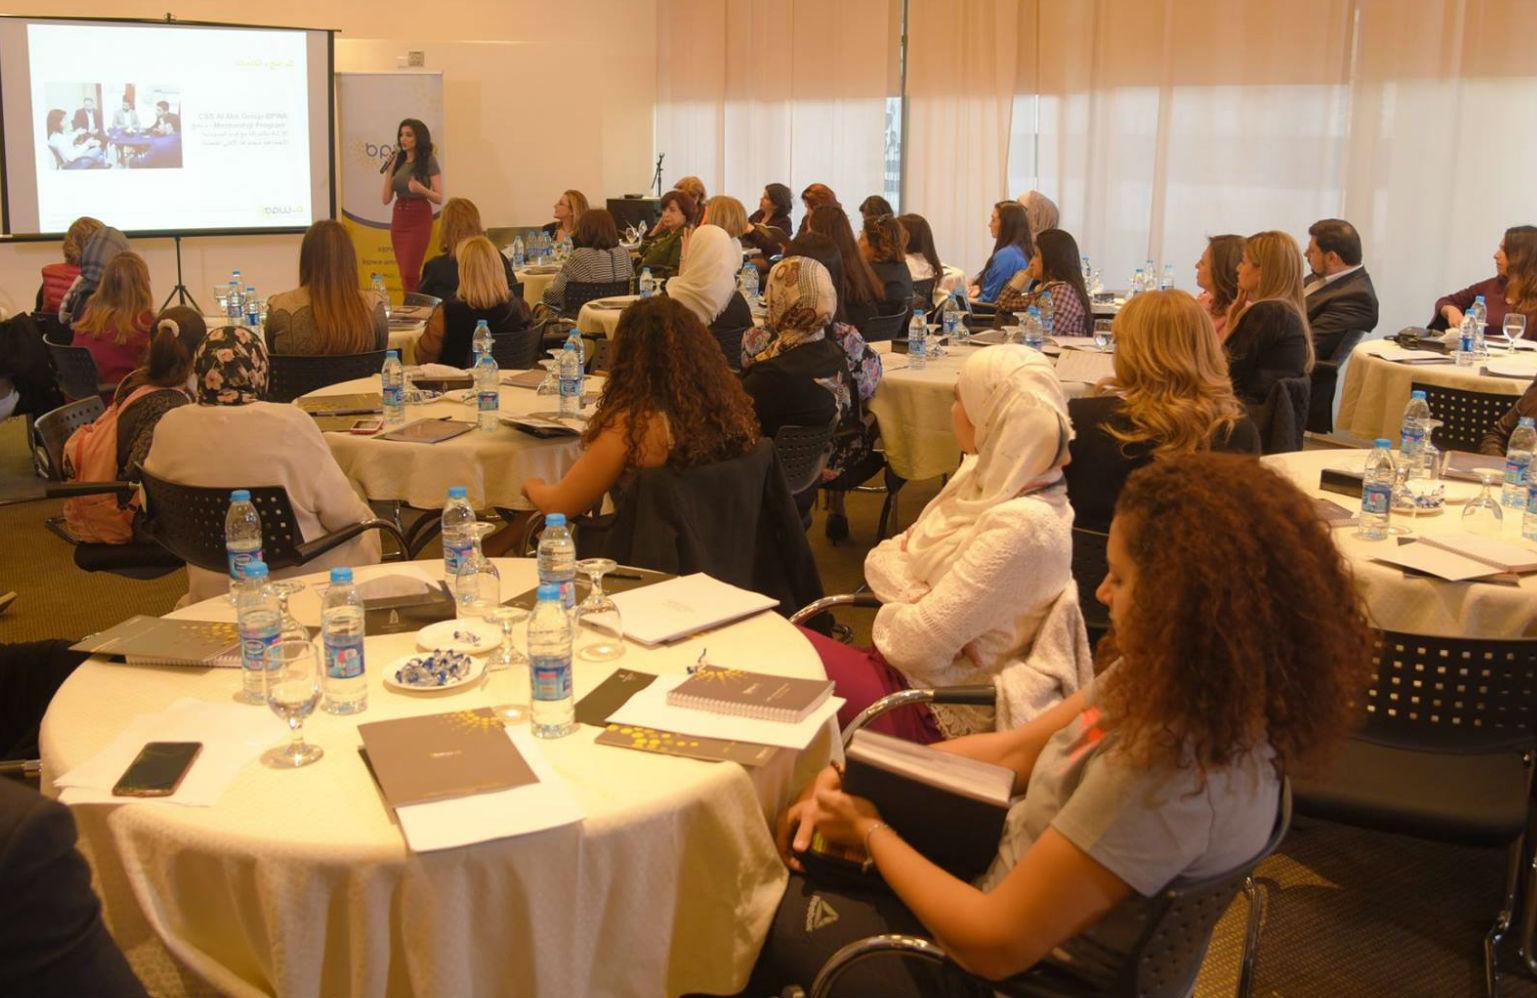 جمعية نادي صاحبات الأعمال والمهن تقدم خطتها الاستراتيجية والتي تم تطويرها بدعم من الوكالة الأمريكية للتنمية الدولية للأعضاء في اجتماعها السنوي العام